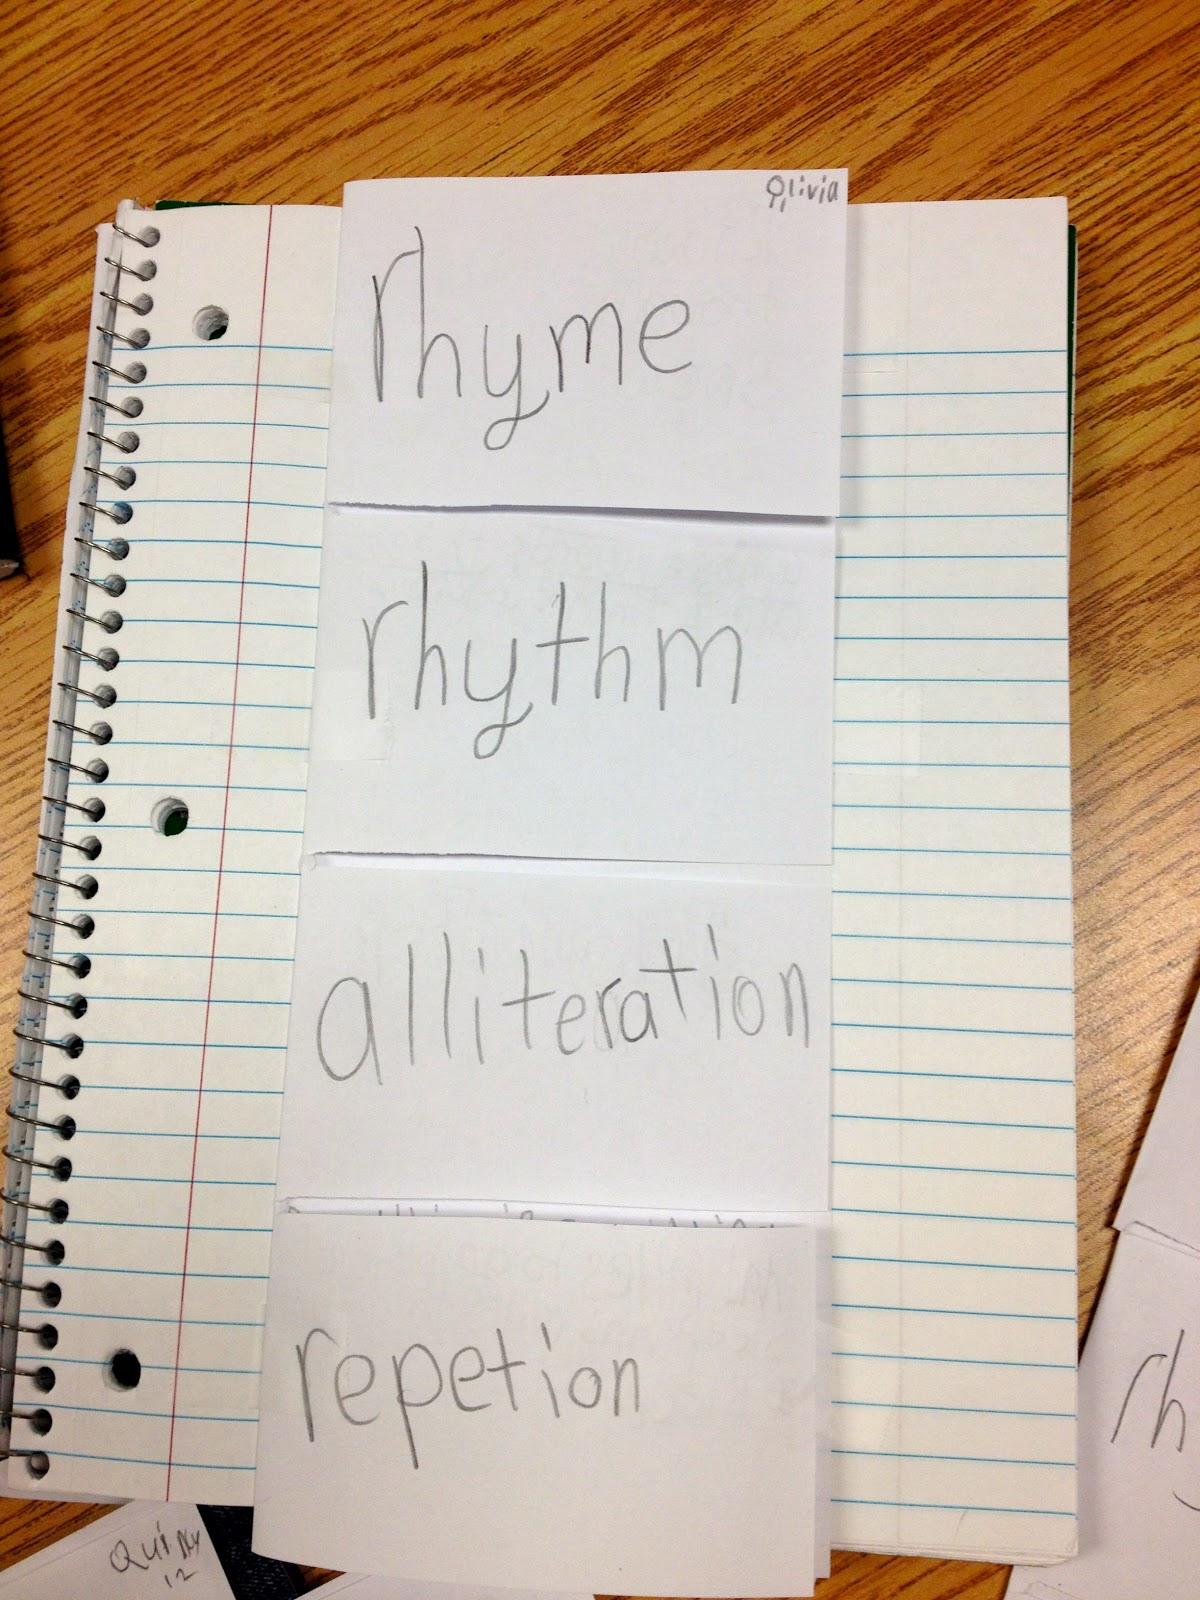 Pitner S Potpourri Poetry Activities